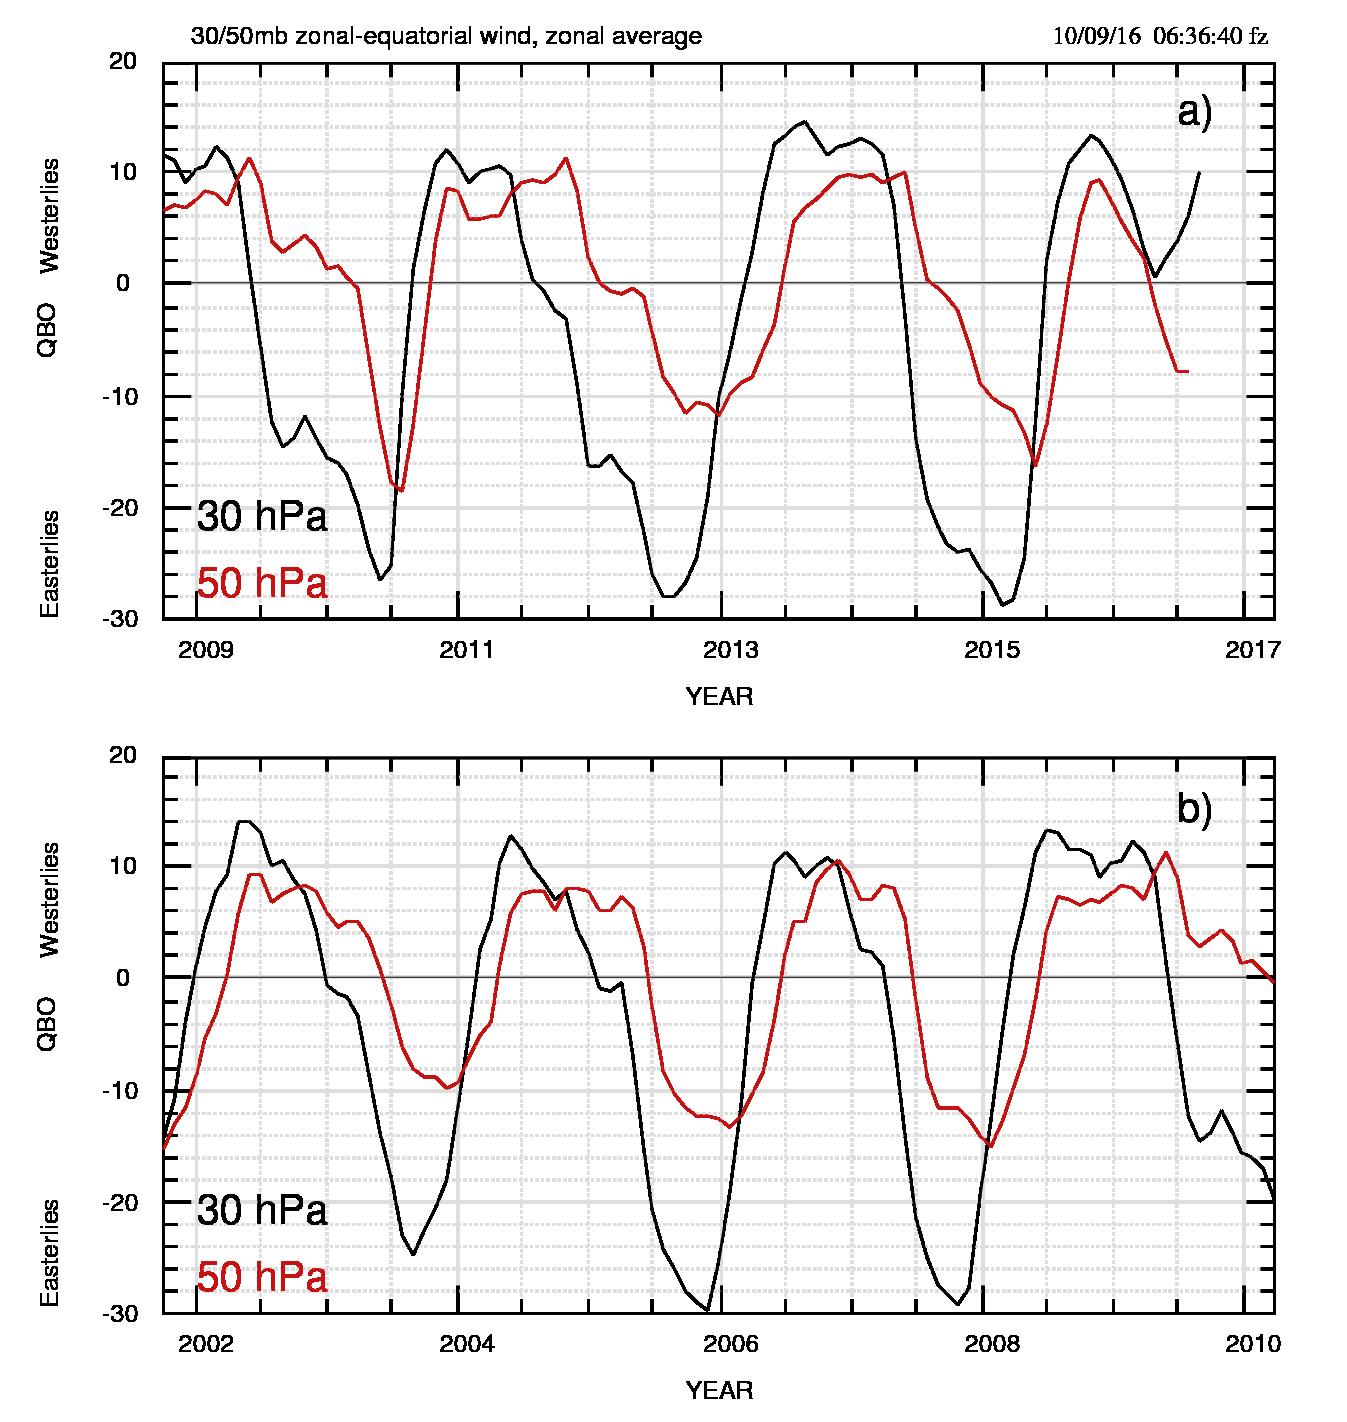 Fig.2: a) Ingrandimento di fig.1 a), relativo al periodo 2009-2016 (agosto per 30 hPa e luglio per 50 hPa) per osservare meglio eventuali modifiche attorno al 2015-2016. Notare che da 2015.5 le strutture hanno ampiezza minore rispetto alle precedenti. b) come a), per il periodo 2002-2010. Una maggiore estensione temporale per il confronto tra larghezze.